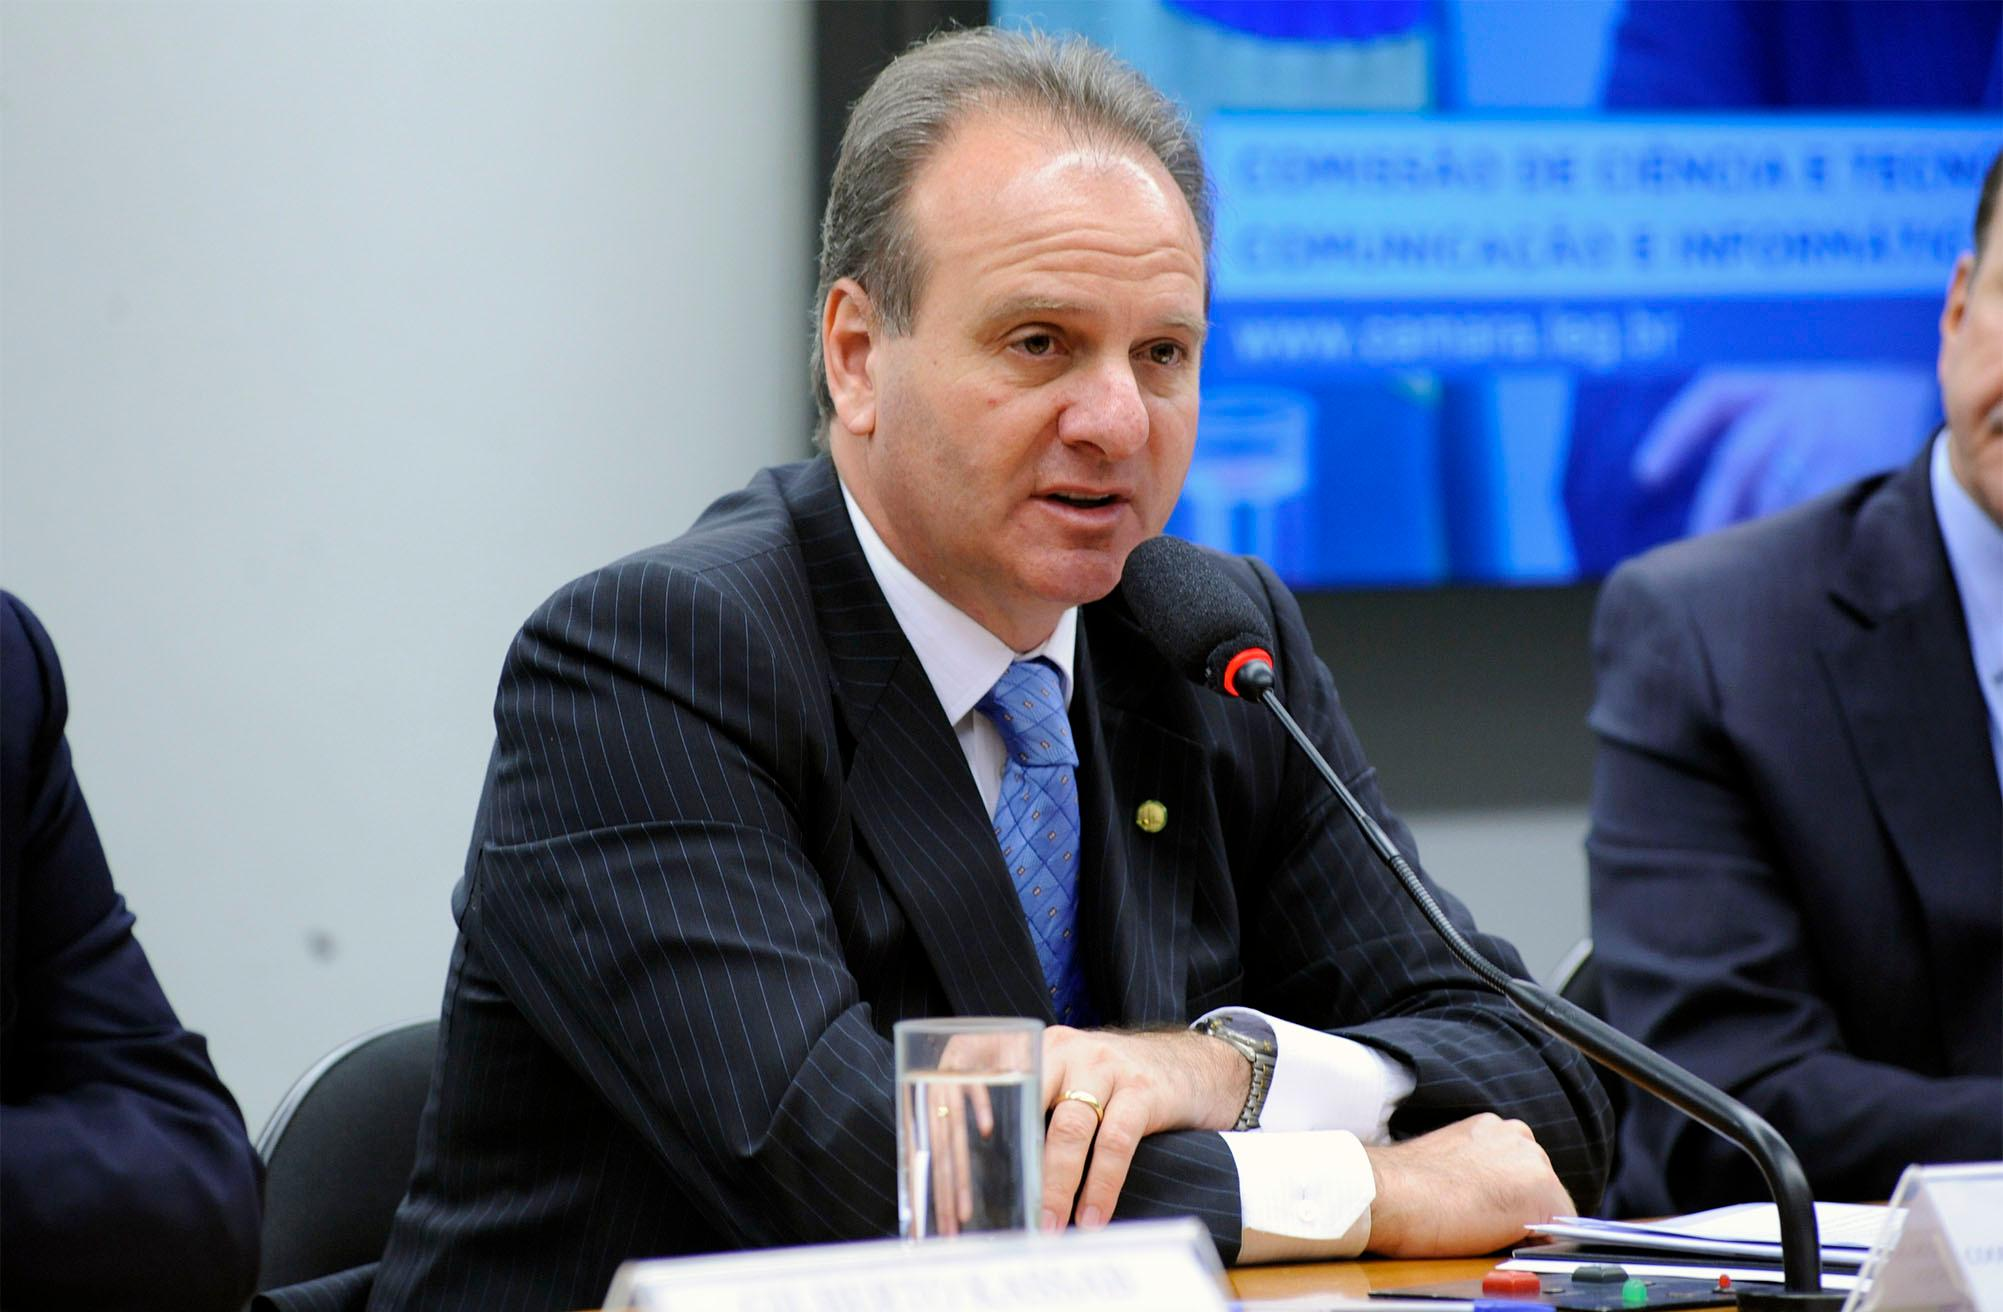 Seminário sobre os resultados da lei de informática no Brasil. Dep. Bilac Pinto (DEM - MG)